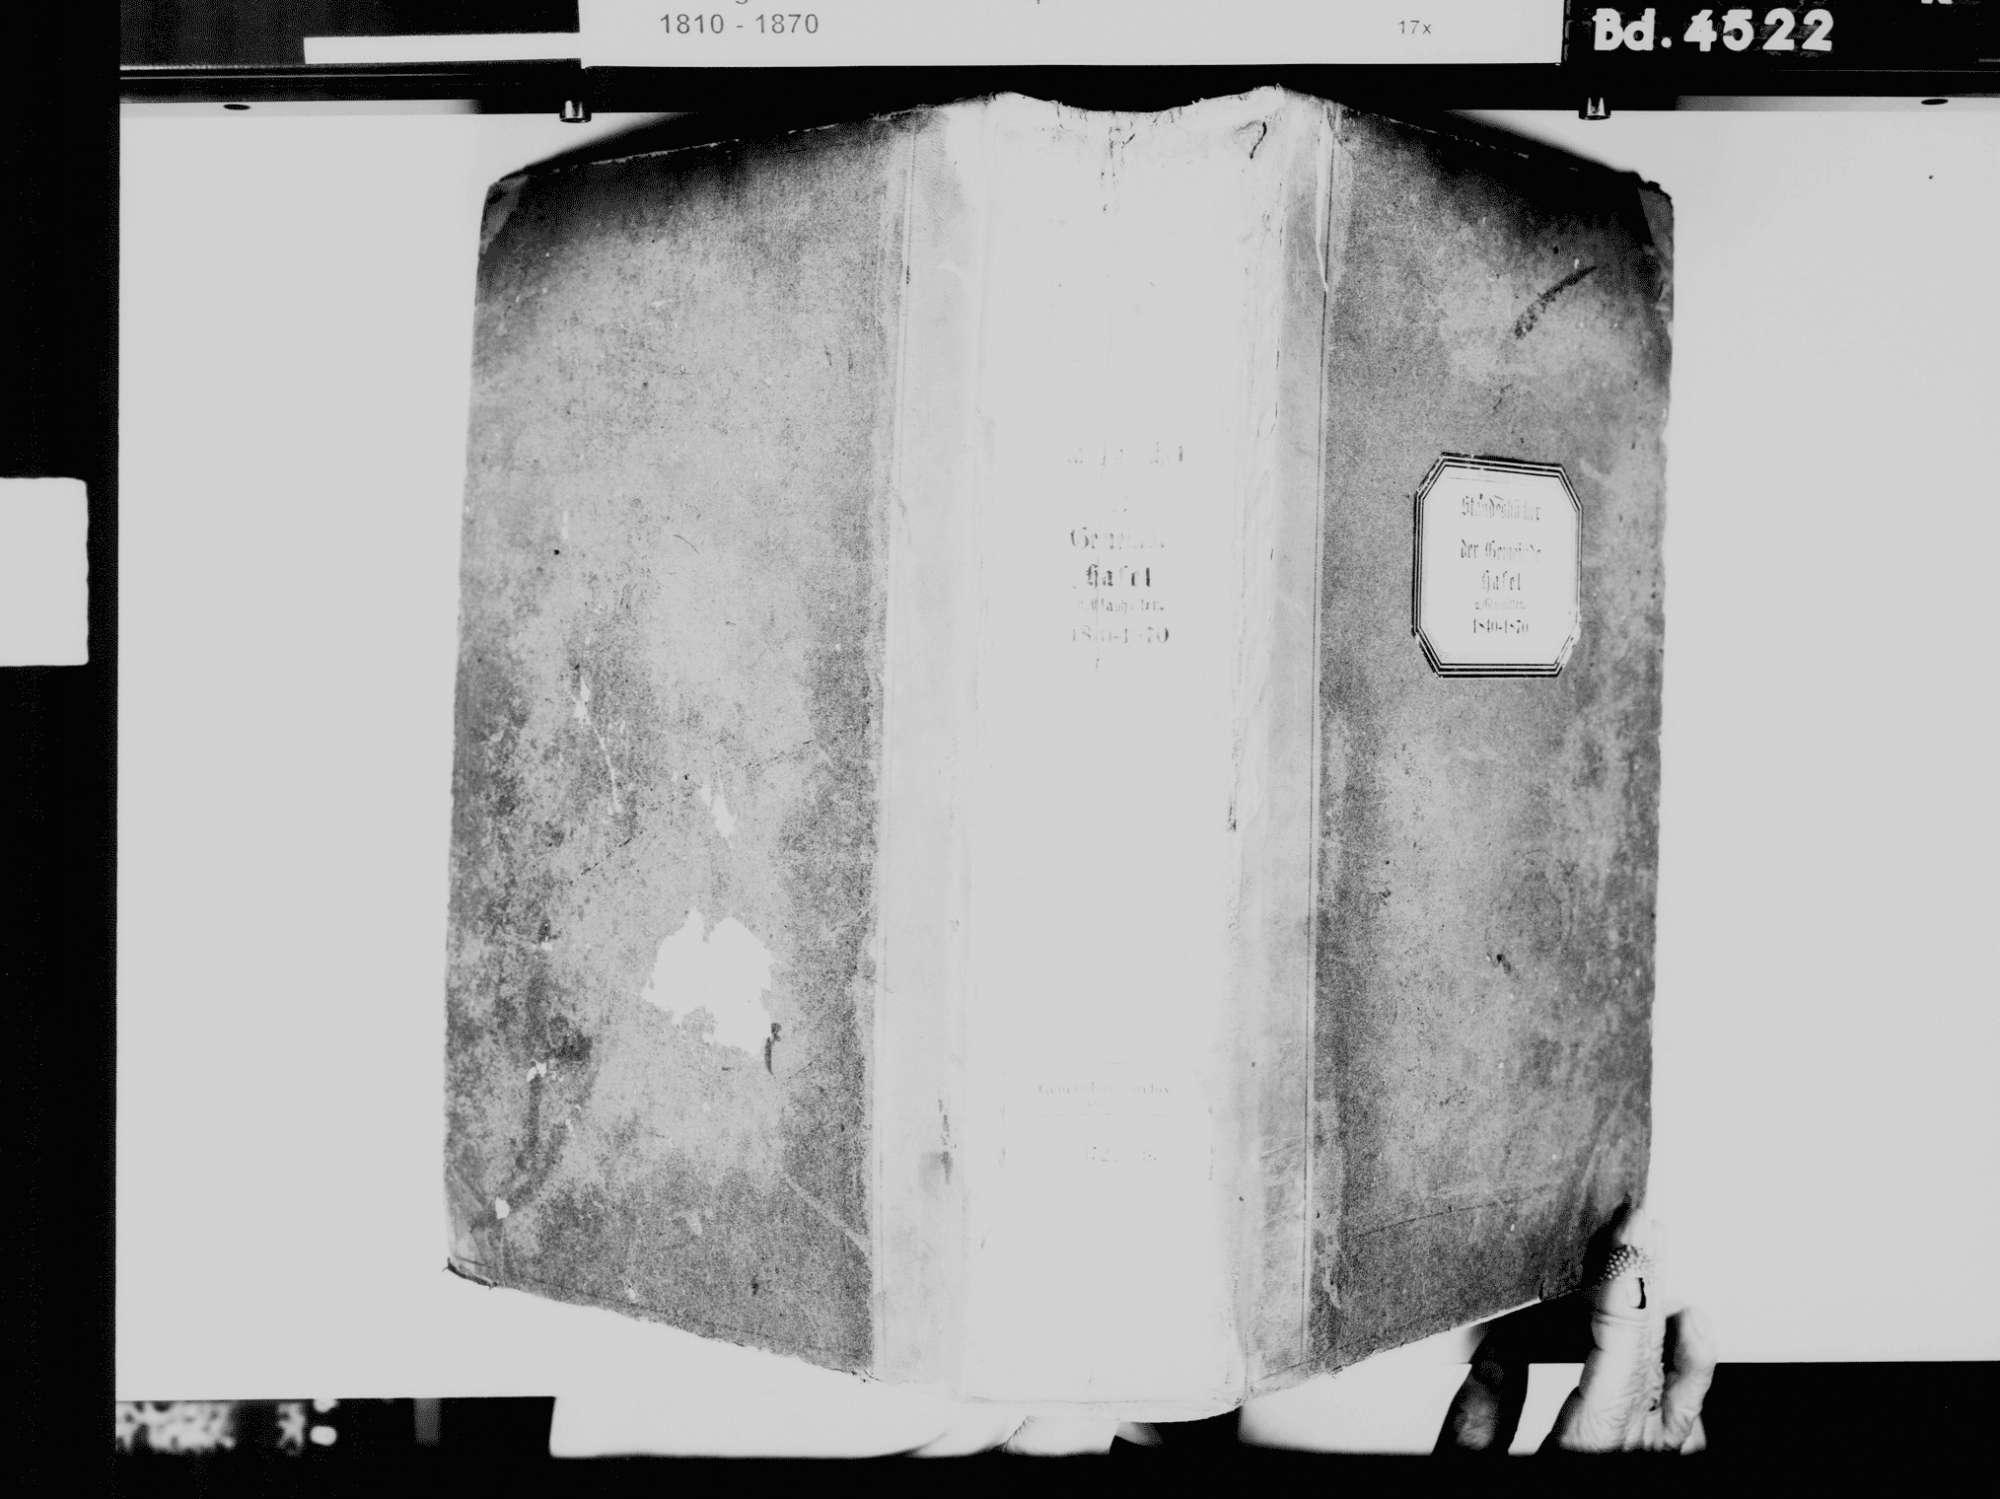 Hasel LÖ, Evangelische Gemeinde: Standesbuch 1840-1870, Bild 3